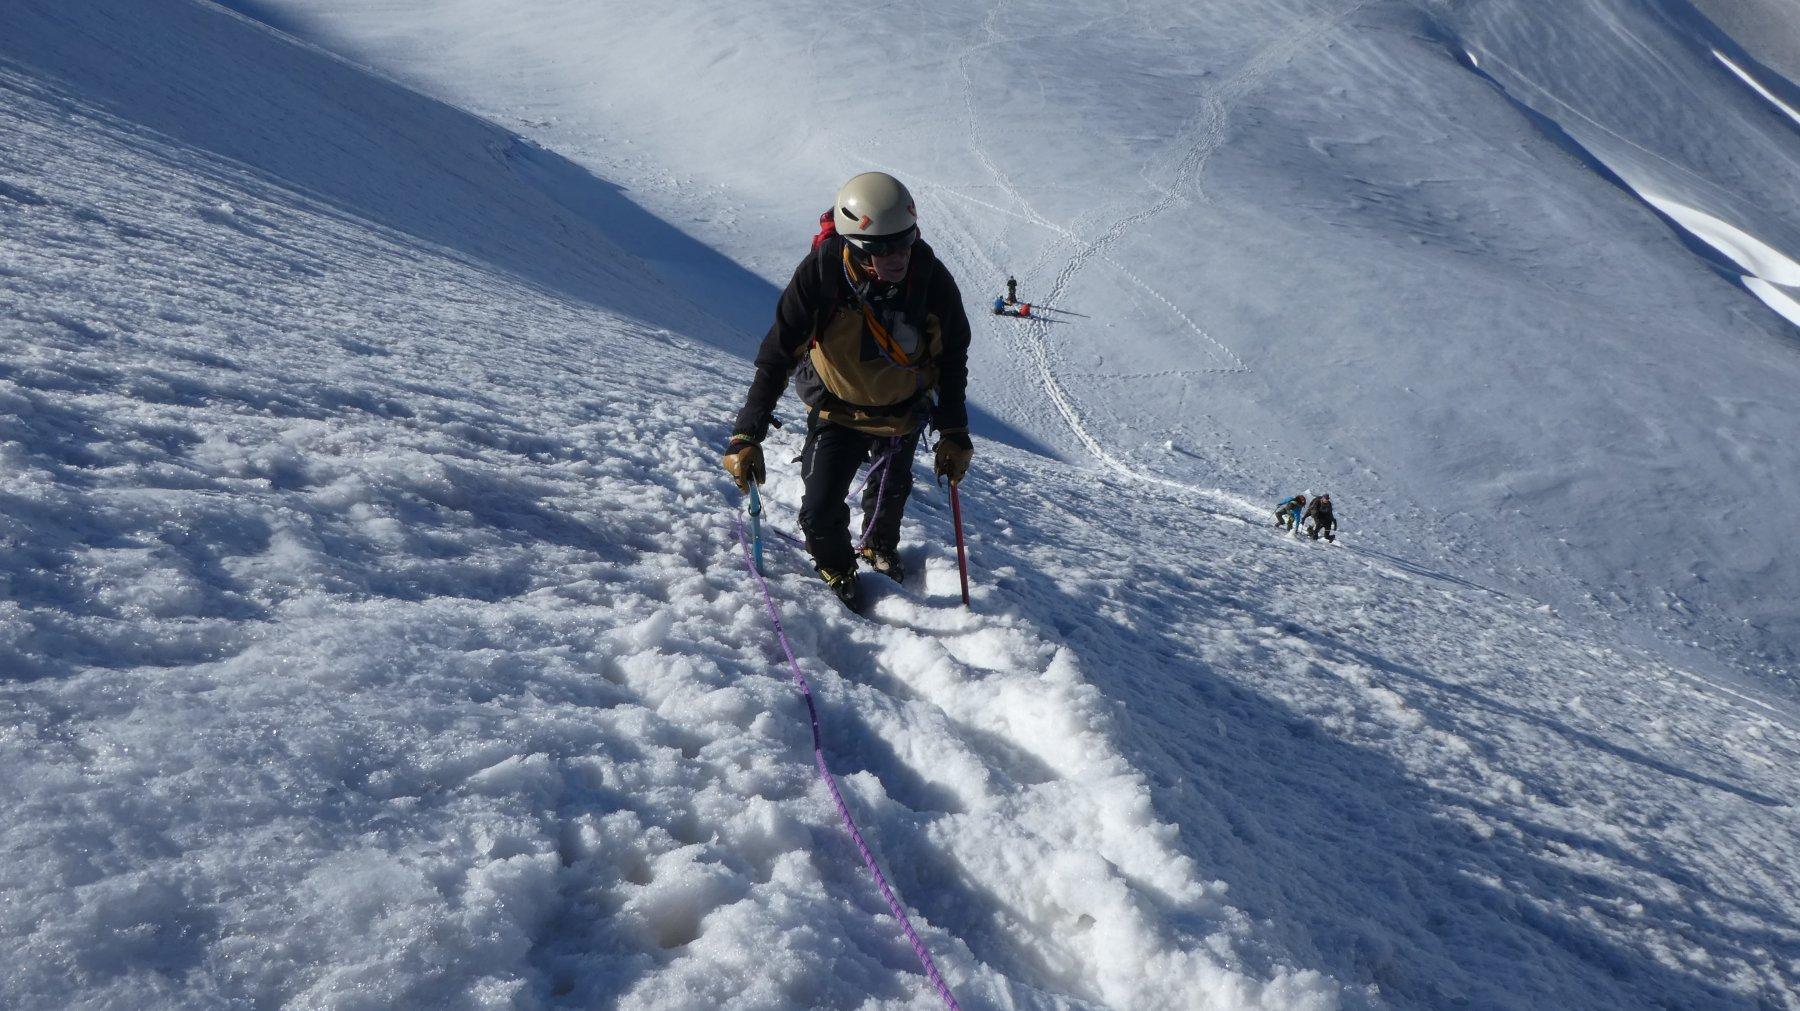 risalendo la ripida rampa nevosa che porta al colletto di quota 4014 m (Finestra del Breithorn)